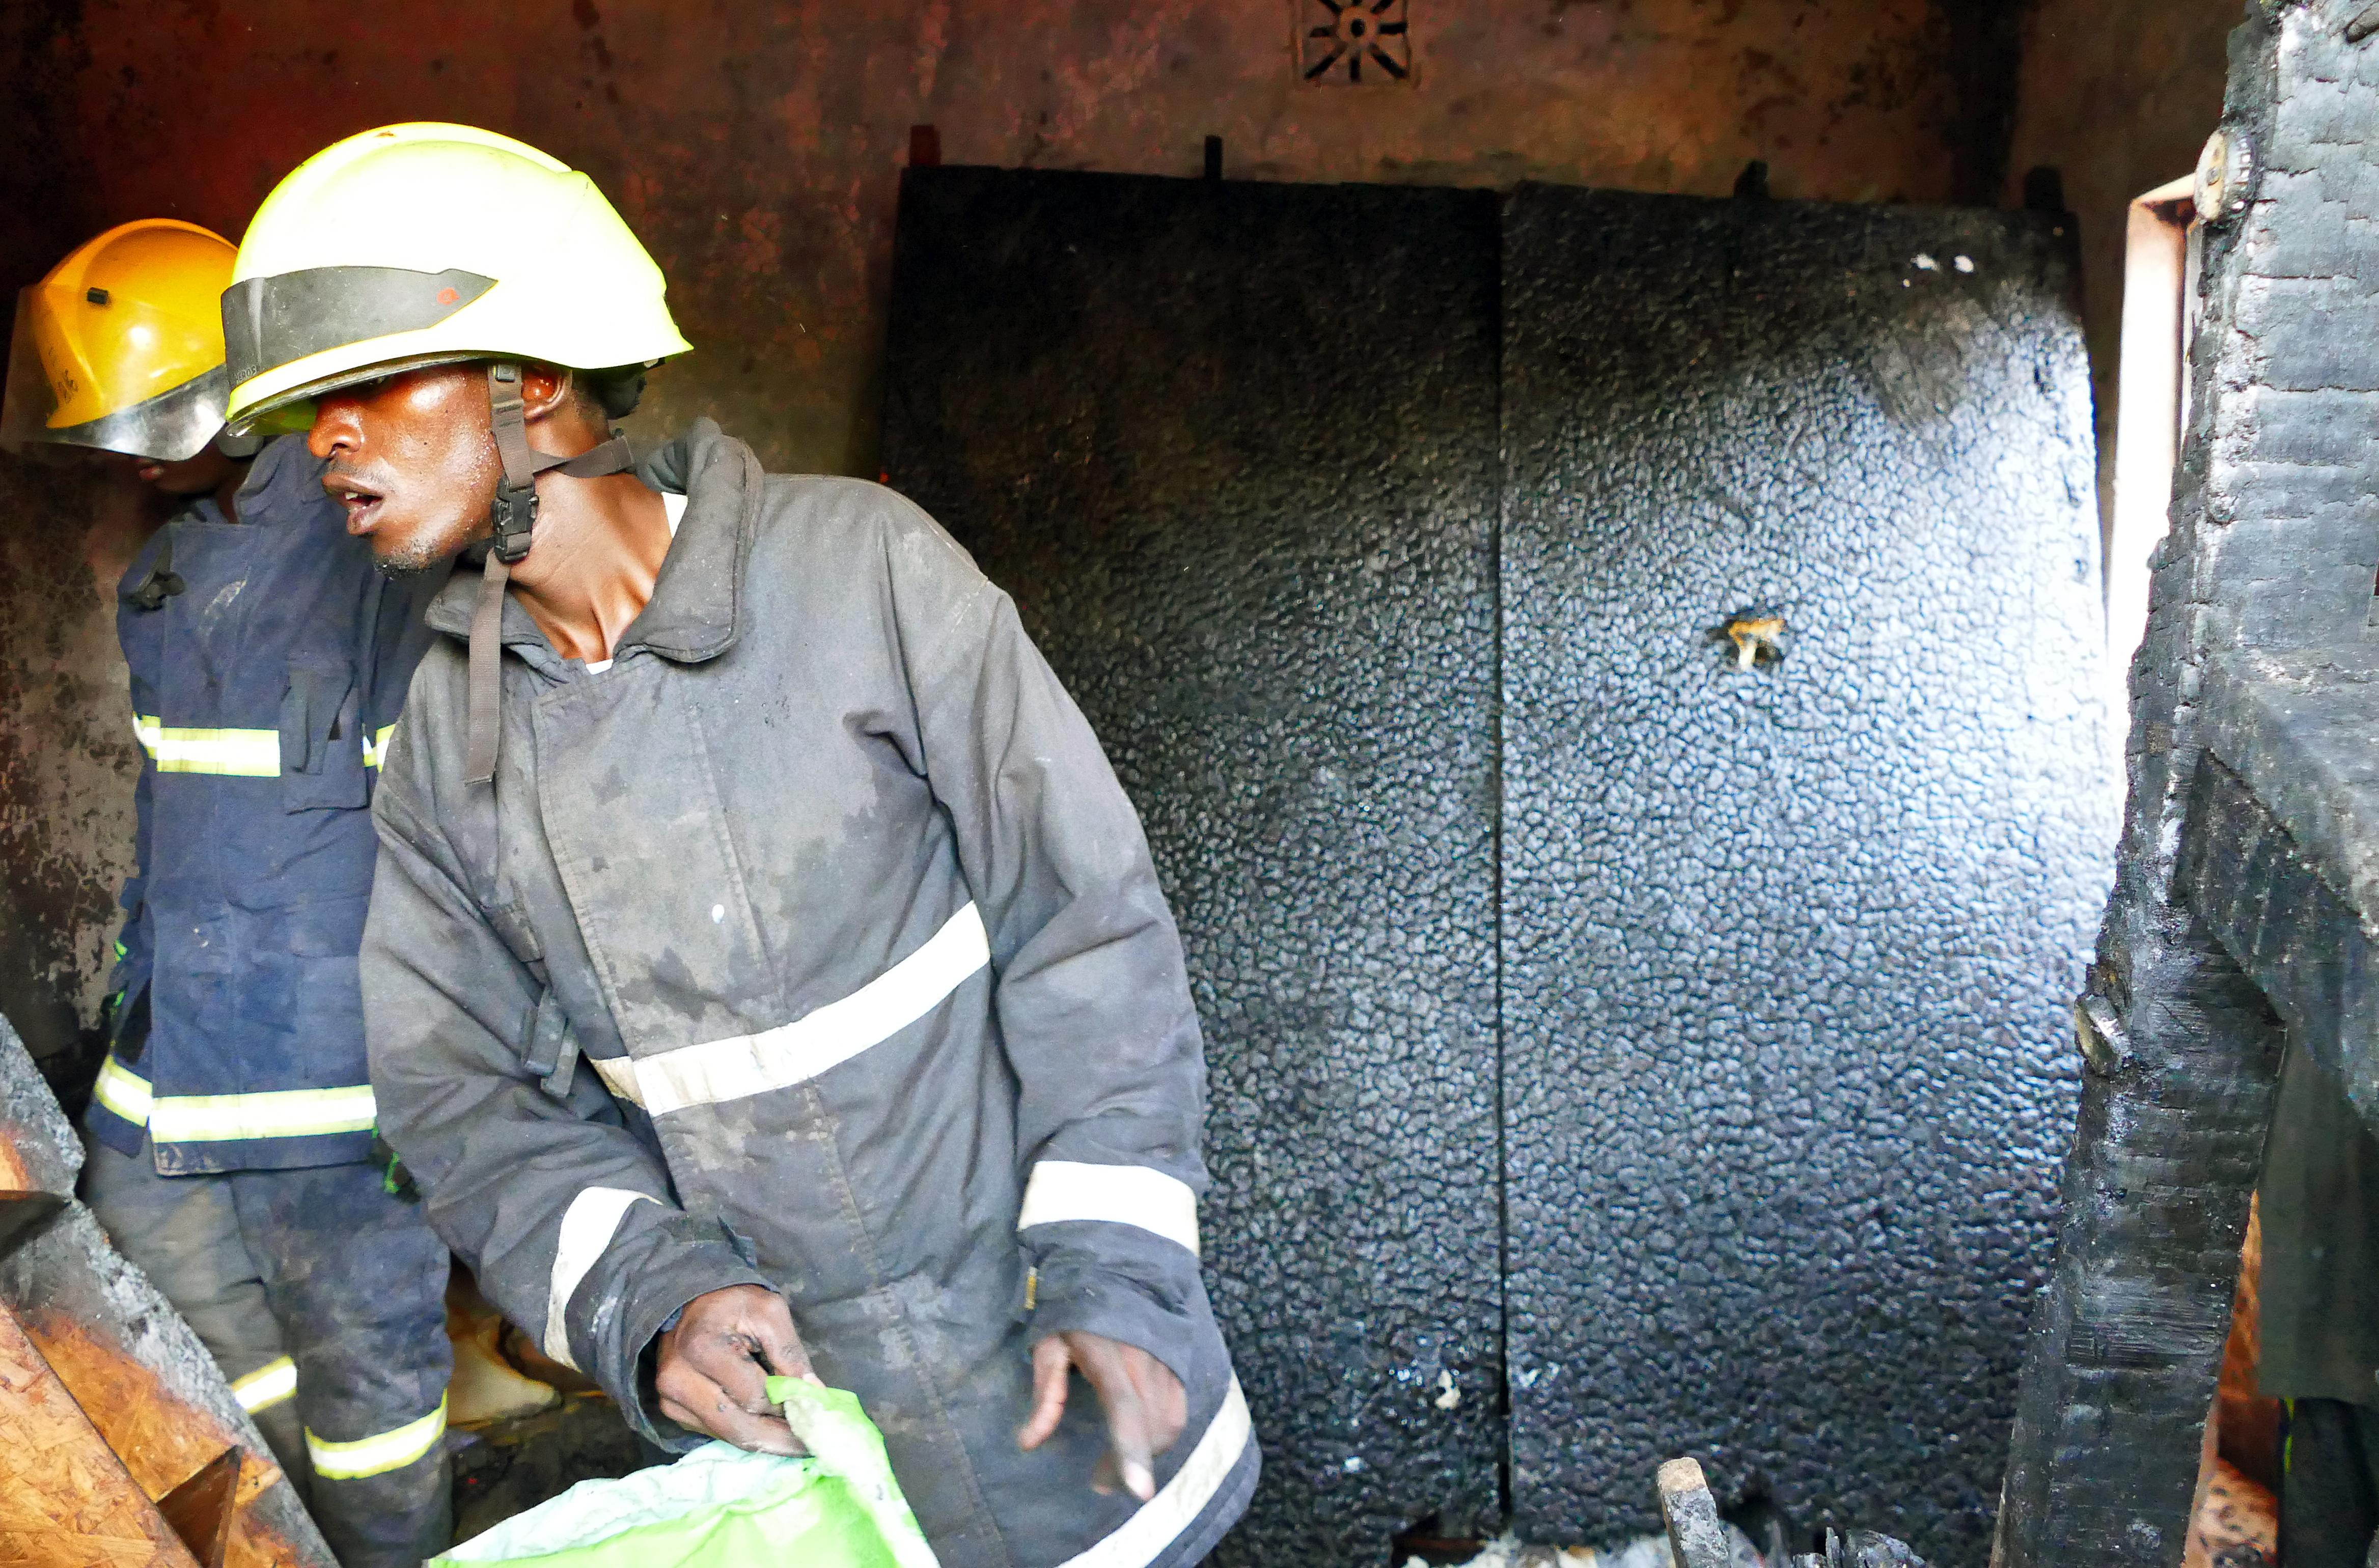 Strażacy podczas przeszukania spalonego mieszkania w slumsowisku w Thika/fot. Marcin Ogdowski